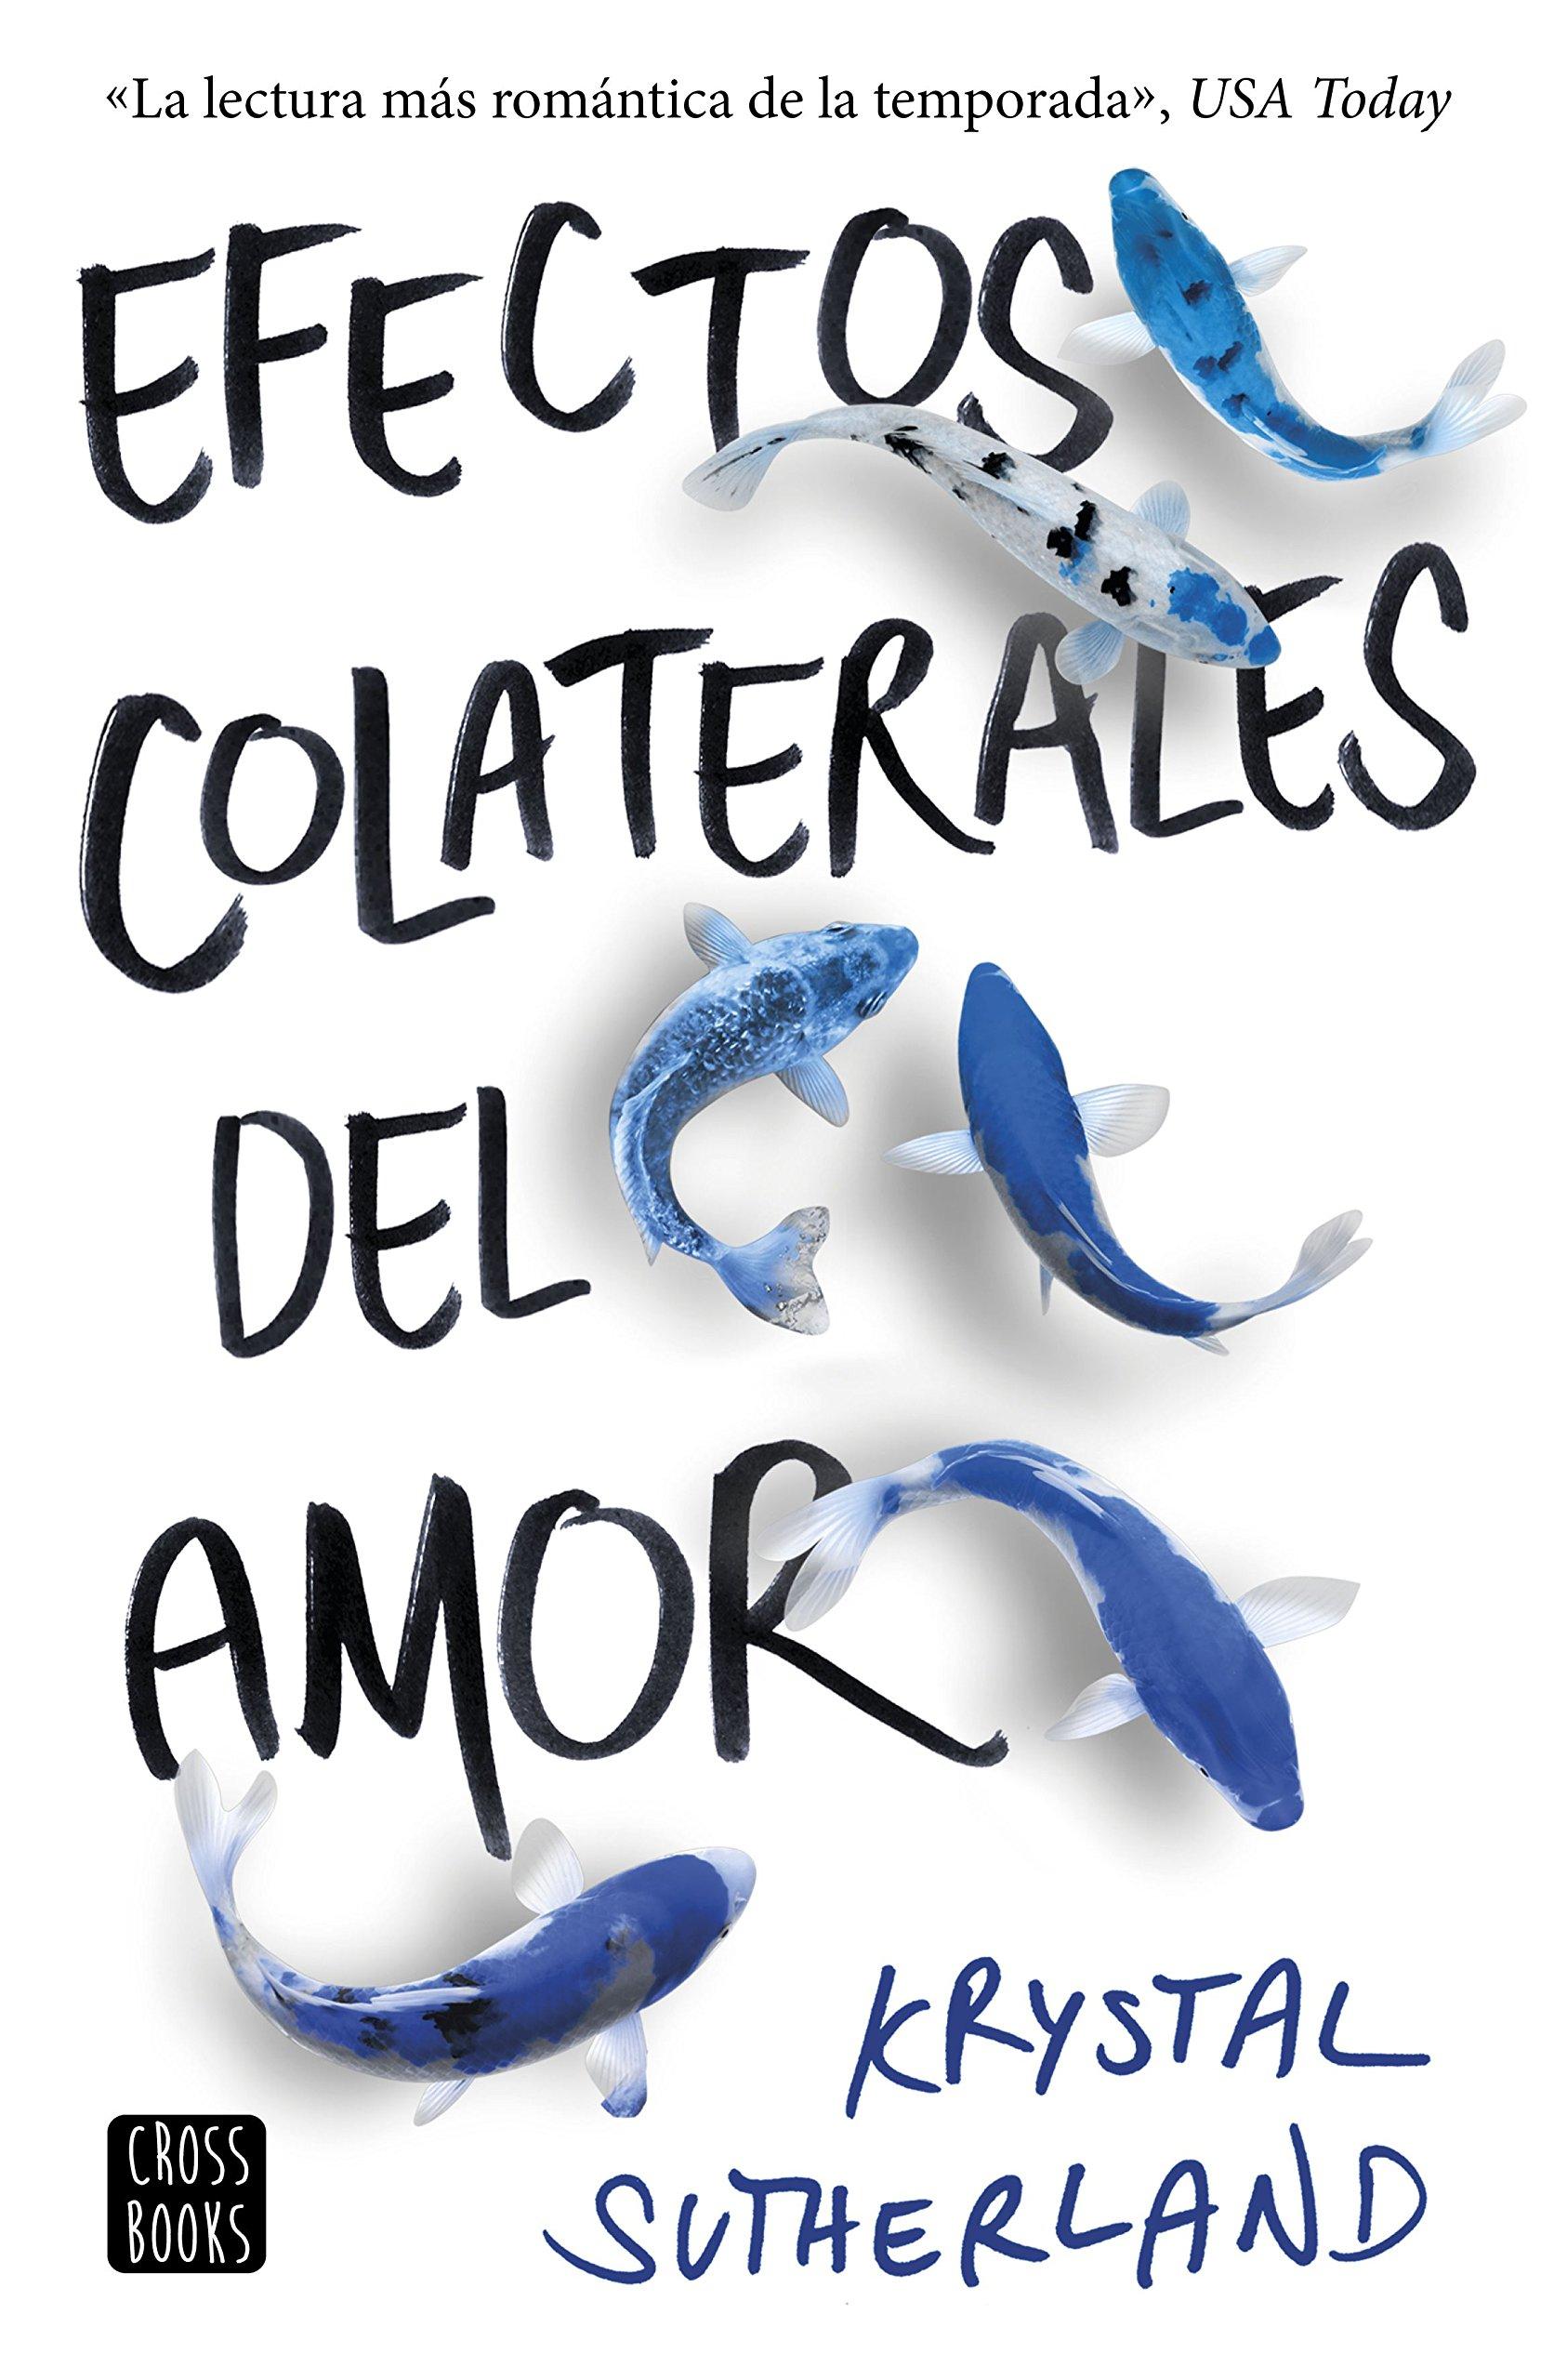 Efectos colaterales del amor (Spanish) Paperback – 2018